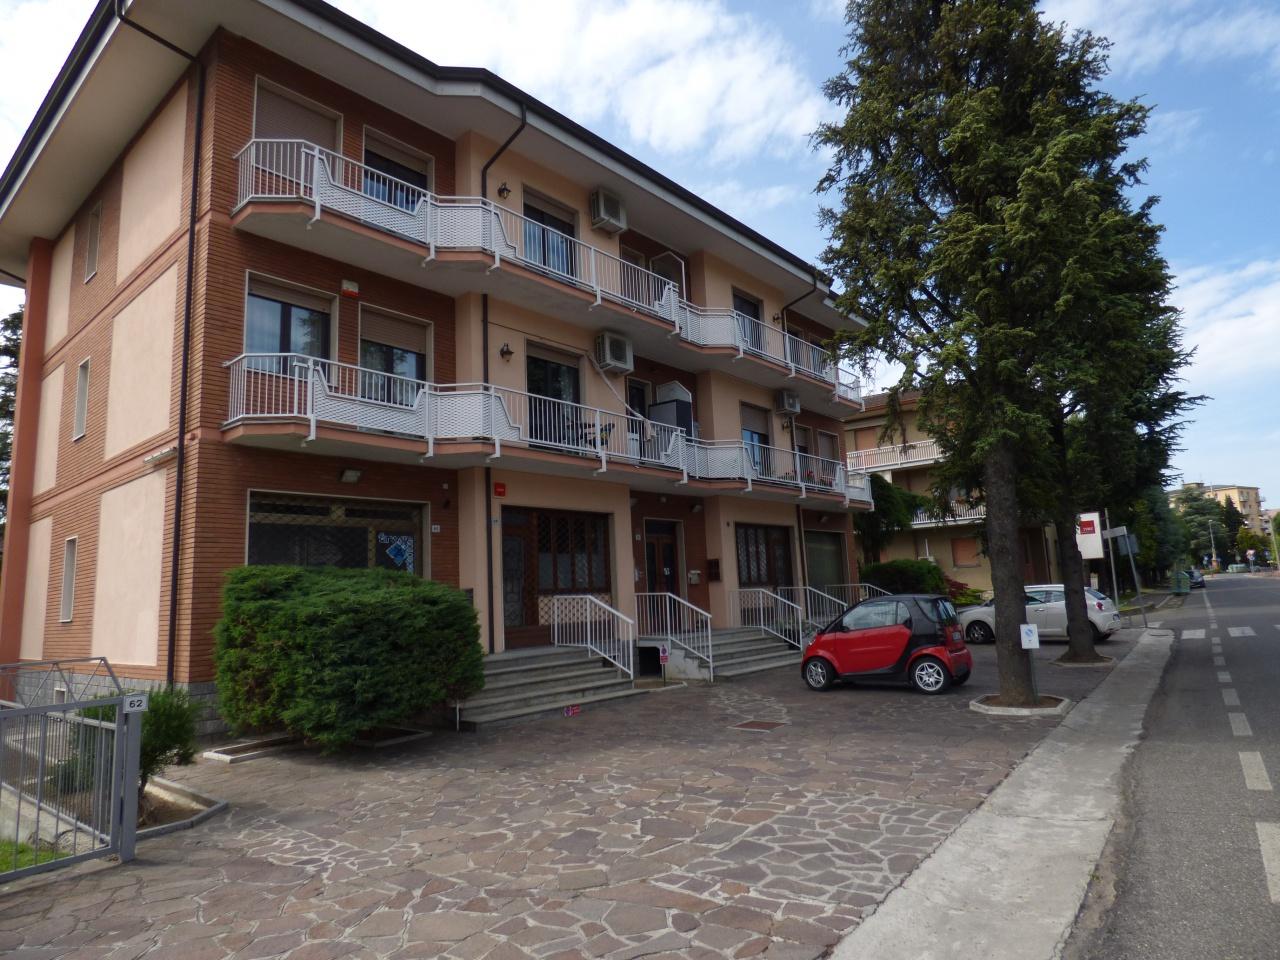 Immobile Commerciale in affitto a Broni, 4 locali, prezzo € 650 | PortaleAgenzieImmobiliari.it